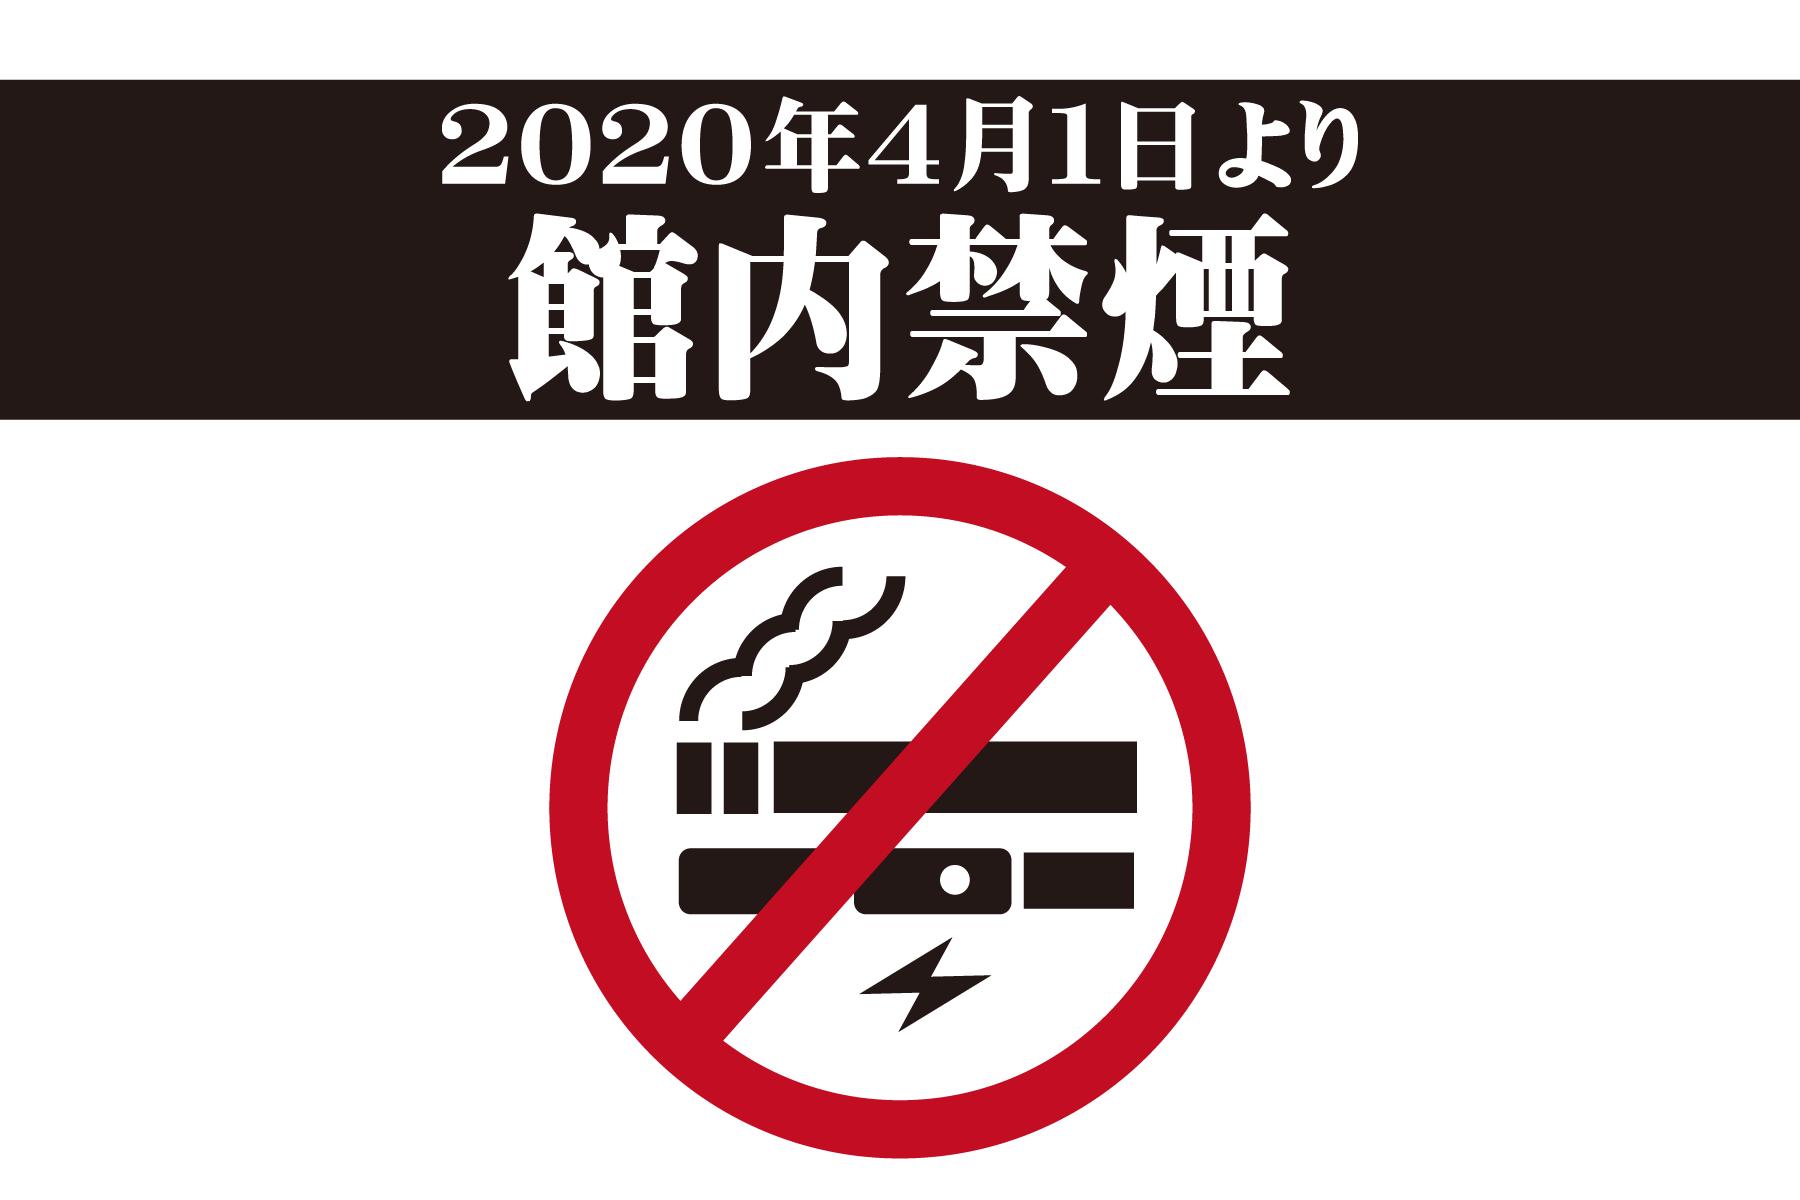 2020年4月~館内禁煙